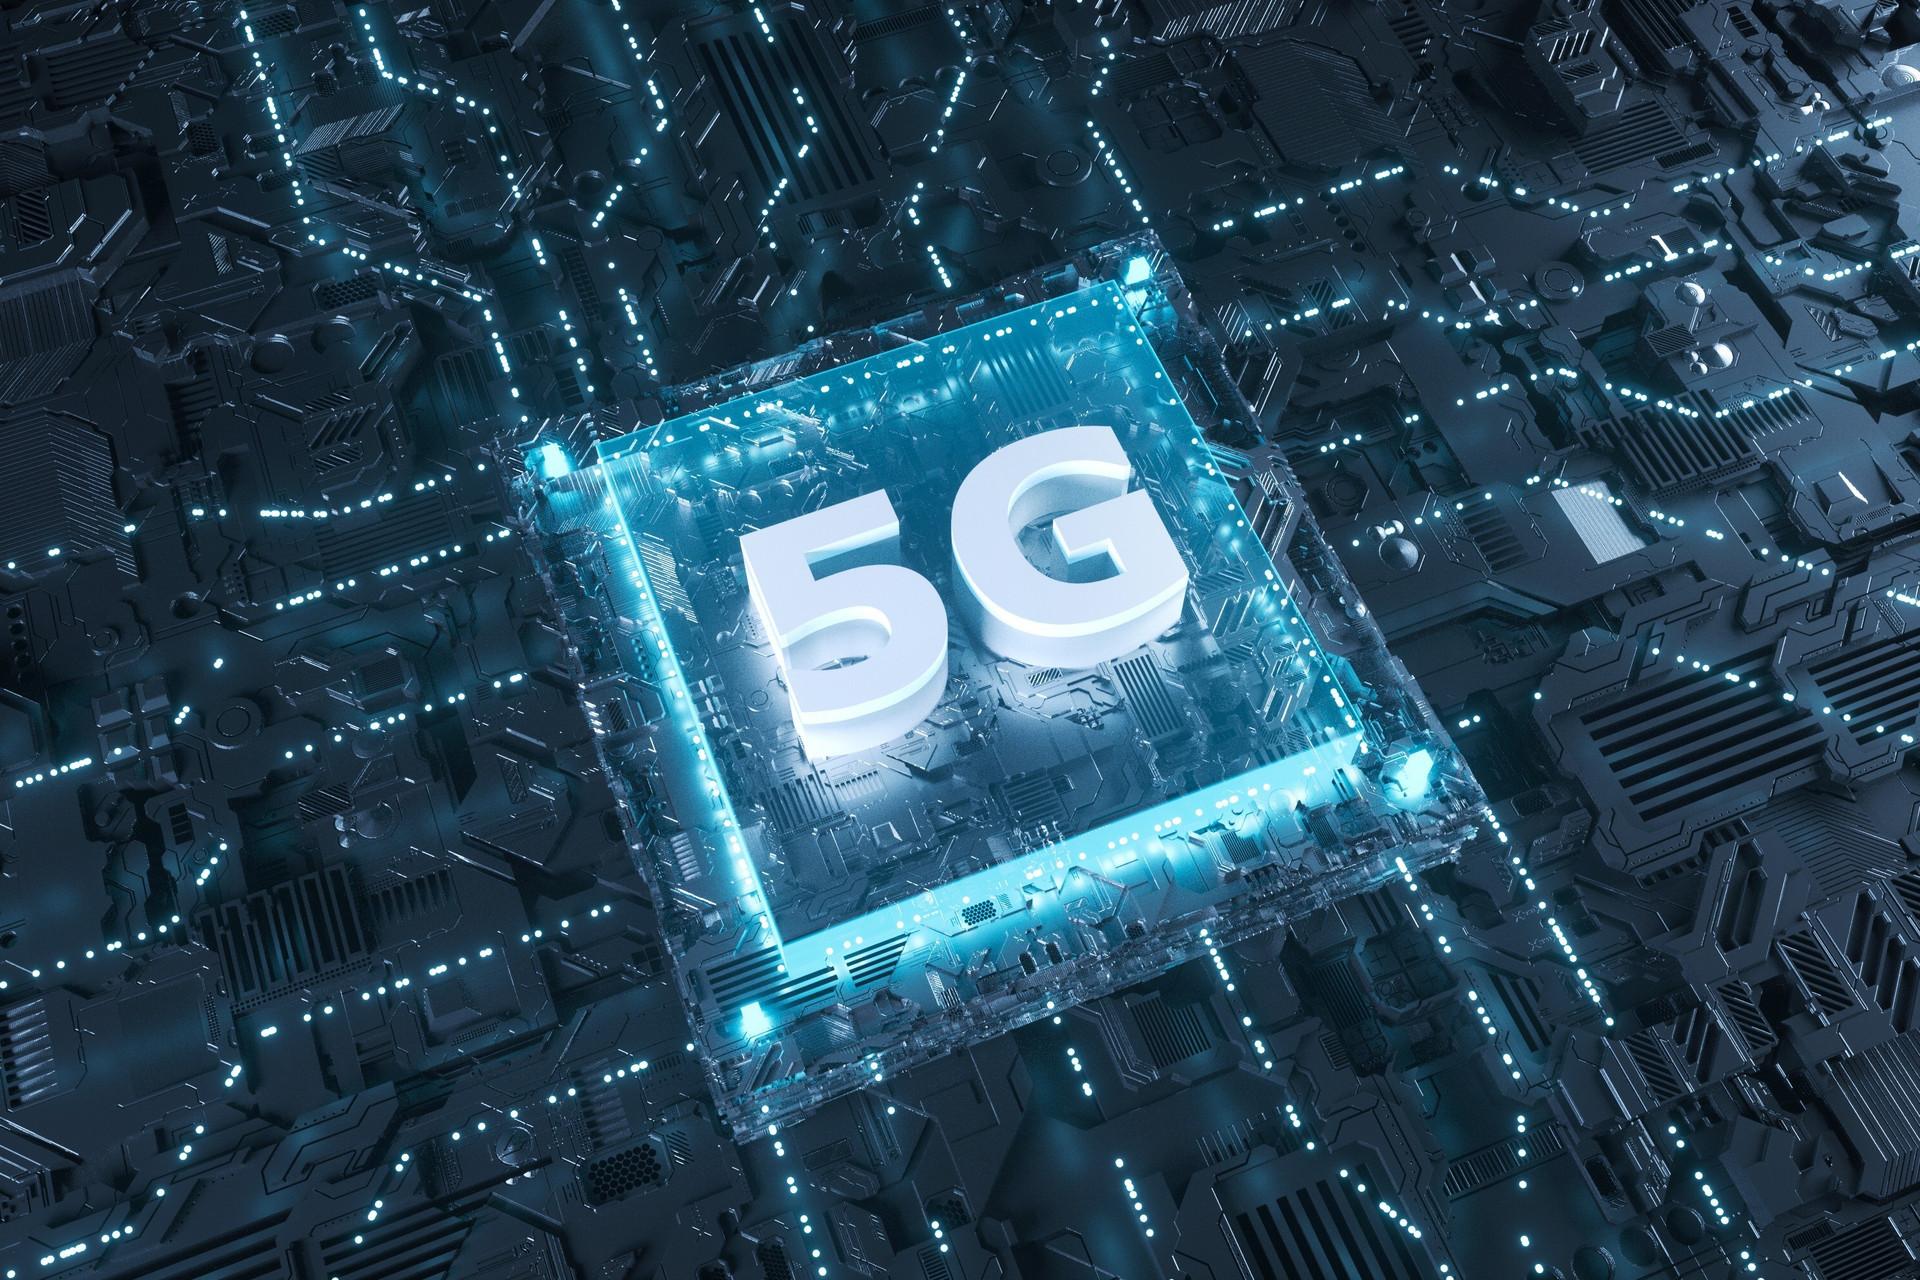 2020年新iPhone加速5G浪潮 苹果自制5G芯片可期